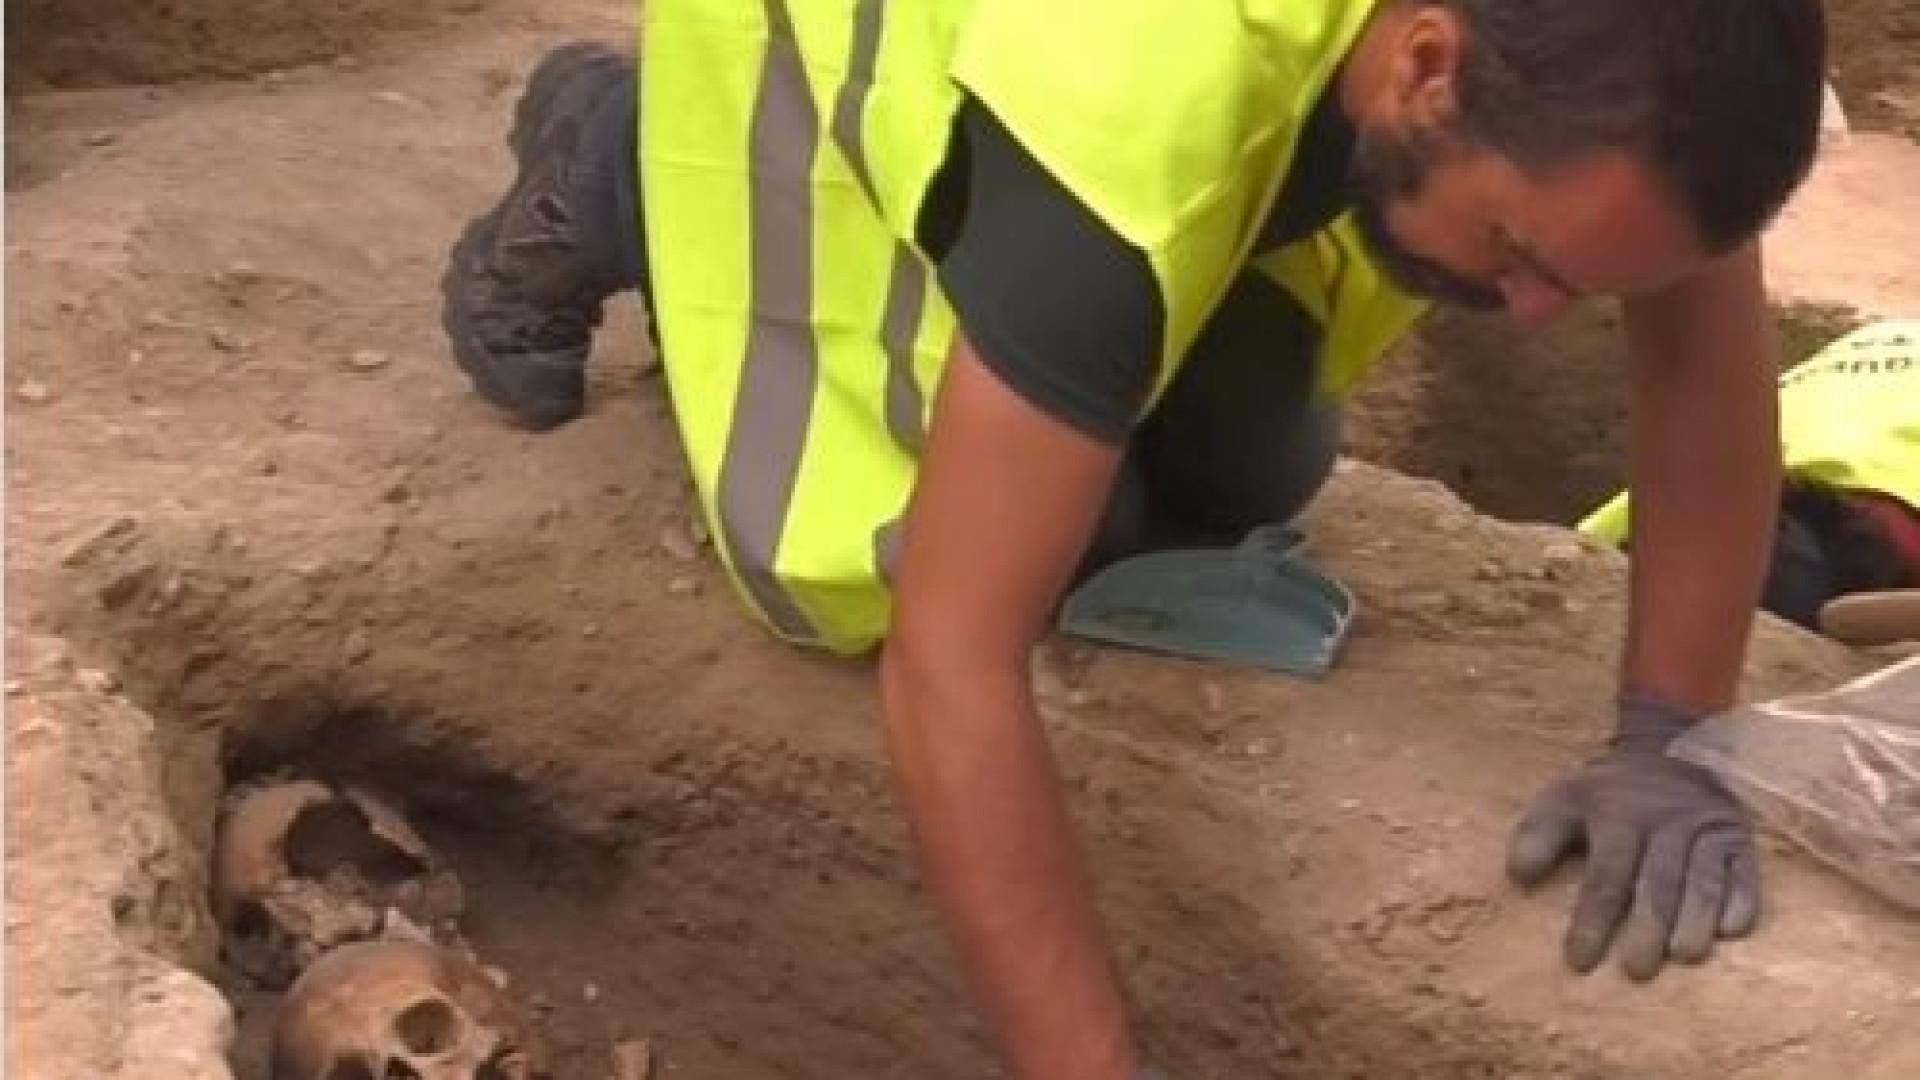 Instalavam ecopontos, mas encontraram cemitério medieval. Eis as imagens